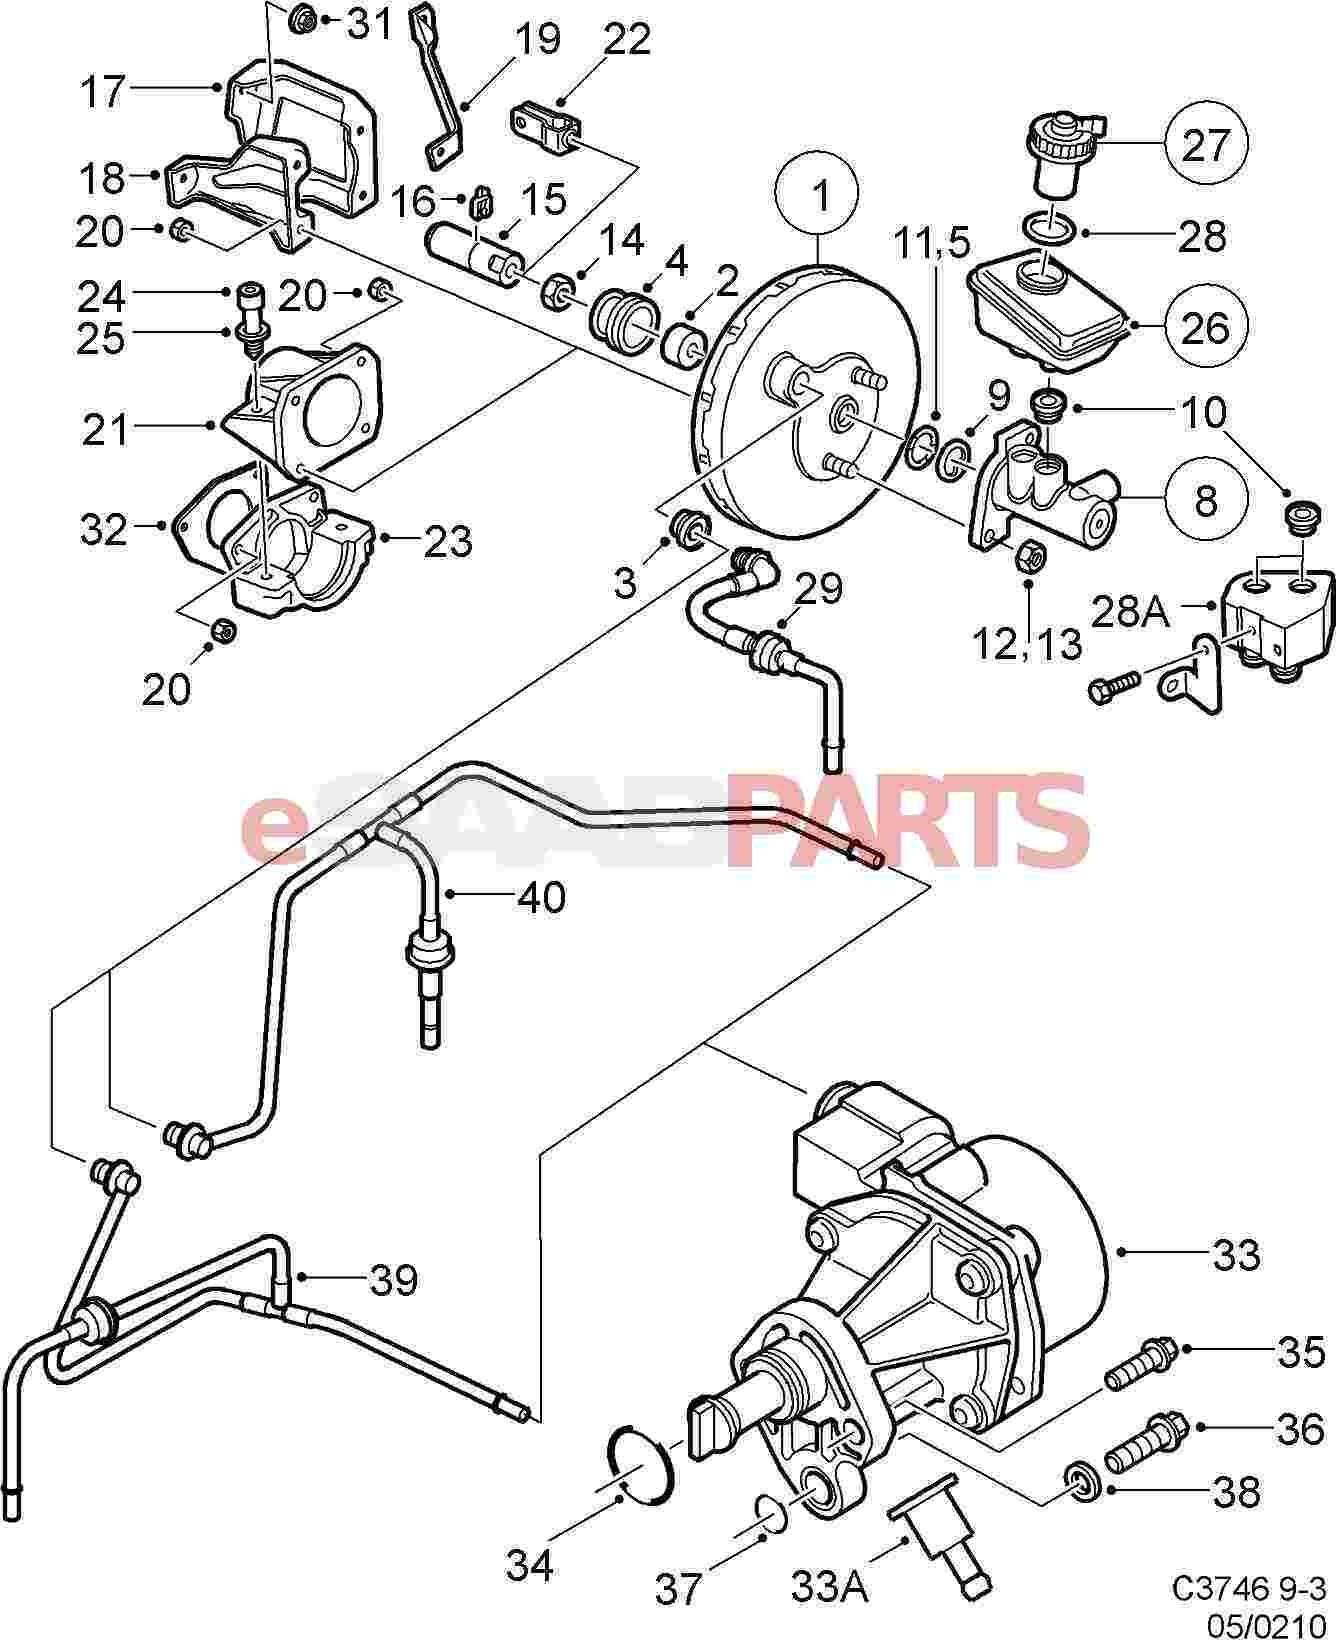 2001 saab 9 3 vacuum line diagram wiring diagram news saab wiring diagram on